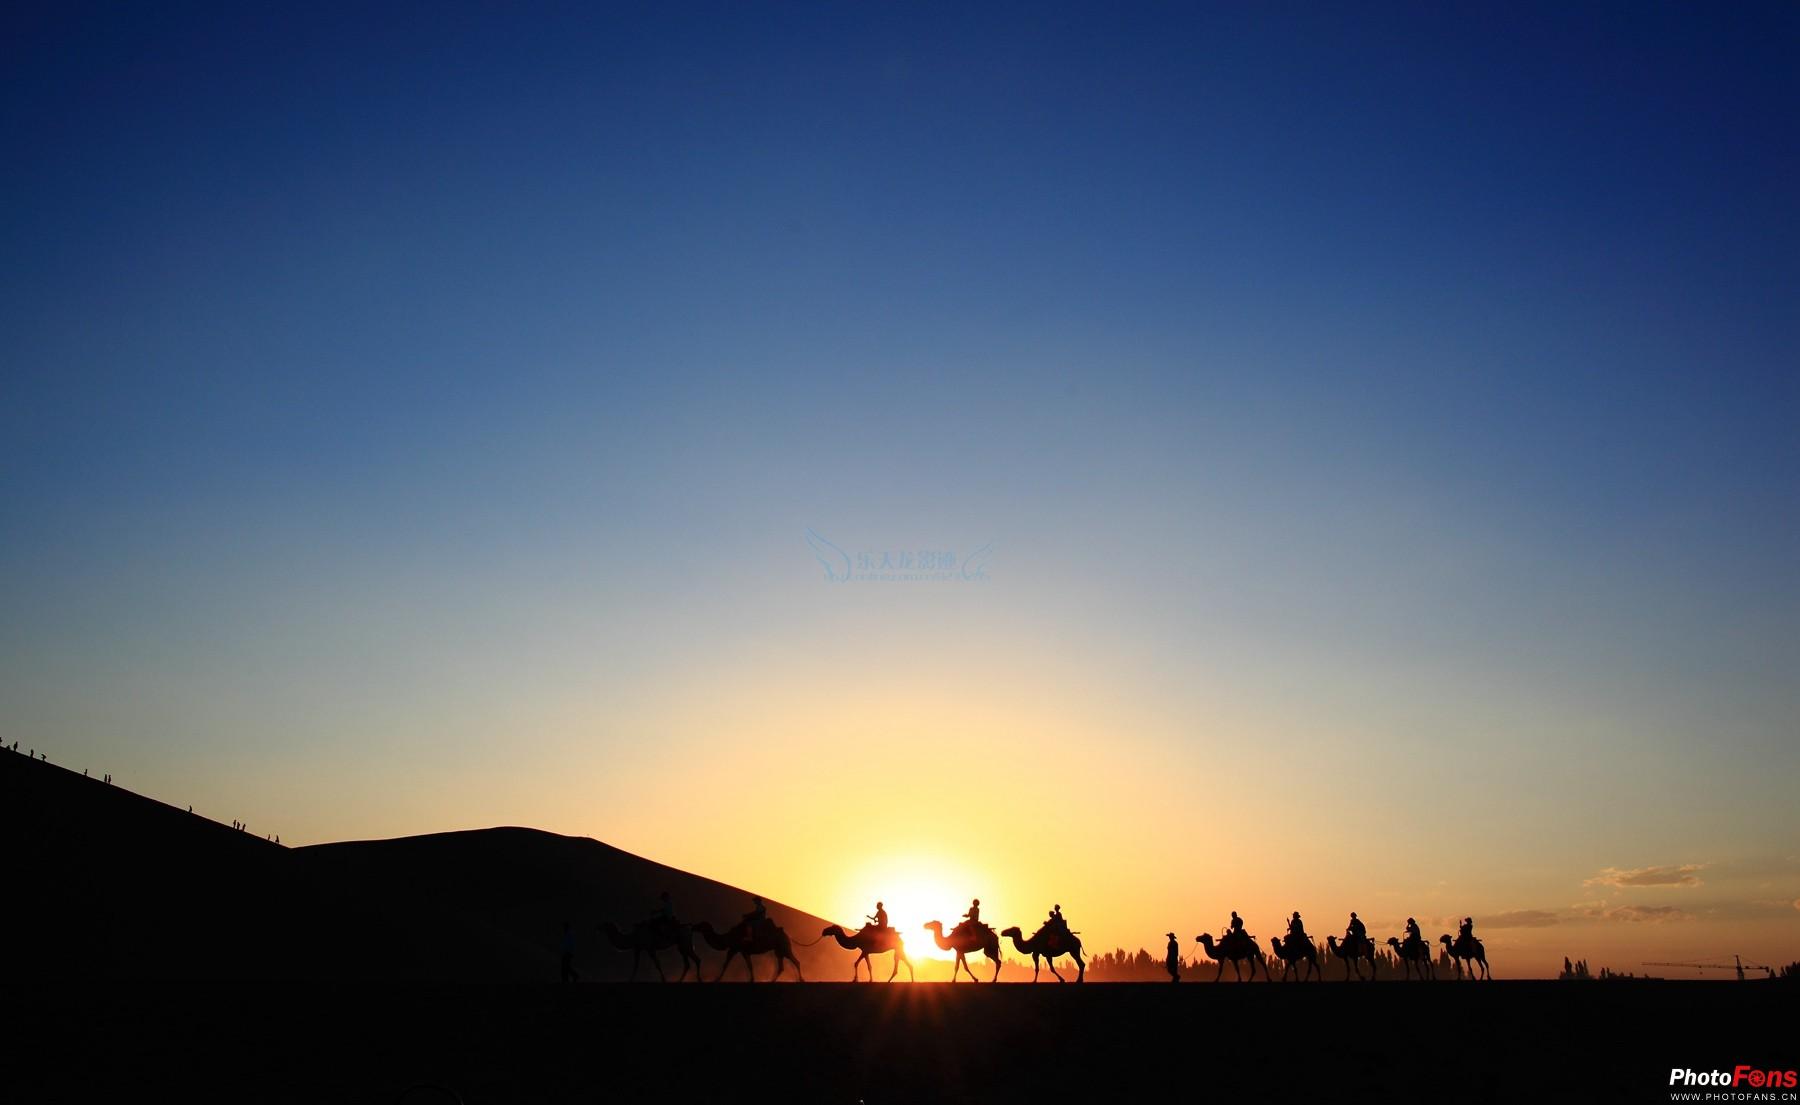 """敦煌PPT背景图片免费下载是由PPT宝藏(www.pptbz.com)会员zengmin上传推荐的风景PPT背景图片, 更新时间为2016-09-28,素材编号103948。 敦煌市,是甘肃省酒泉市代管的一个县级市,位于甘肃省西北部,历来为丝绸之路上的重镇,是国家历史文化名城。敦煌东峙峰岩突兀的三危山,南枕气势雄伟的祁连山,西接浩瀚无垠的塔克拉玛干大沙漠,北靠嶙峋蛇曲的北塞山,以敦煌石窟及敦煌壁画而闻名天下,是世界文化遗产莫高窟和汉长城边陲玉门关及阳关的所在地。 莫高窟莫高窟又称""""千佛洞&rd"""